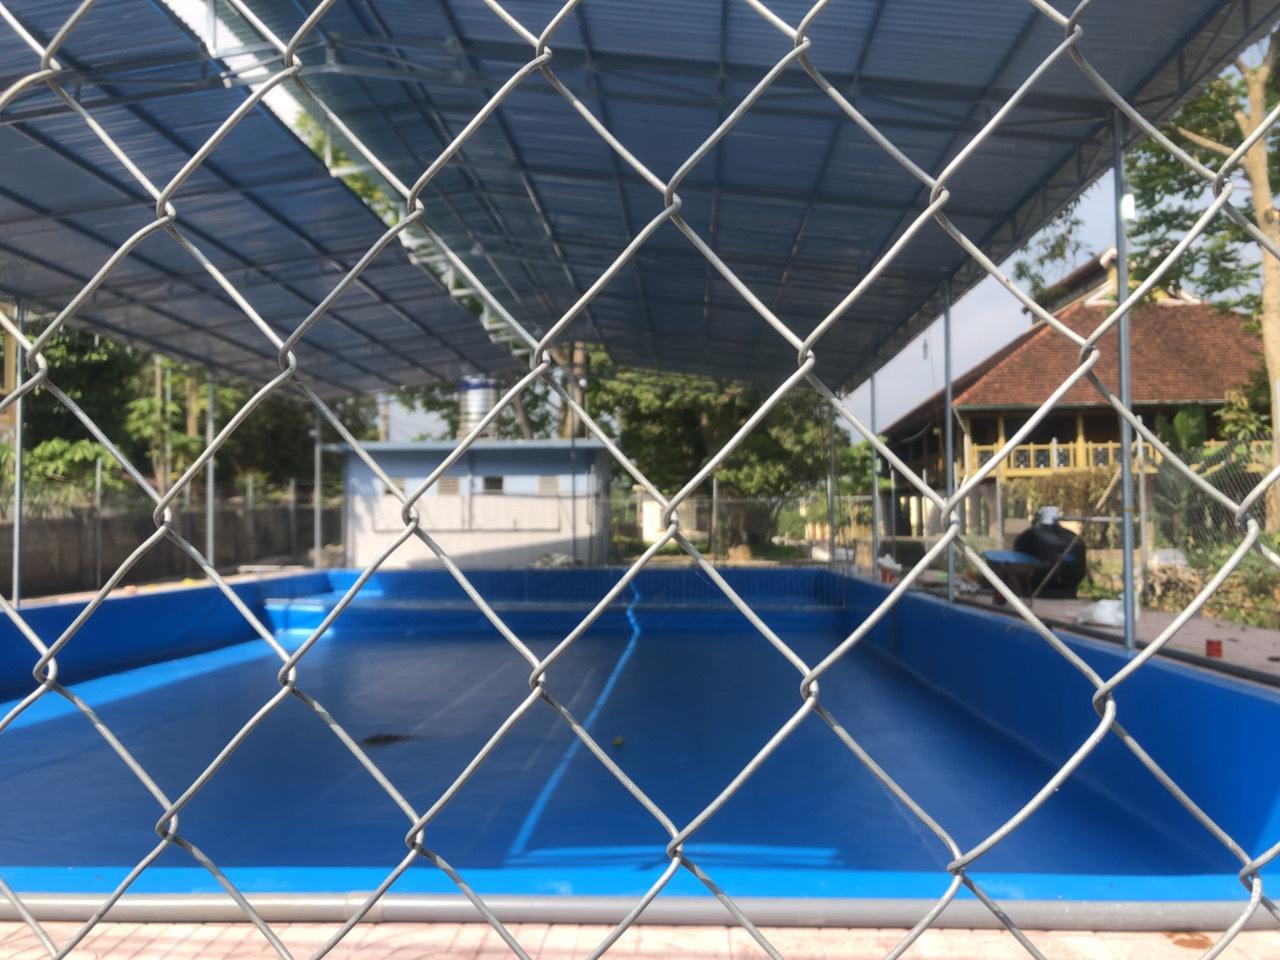 2 Ứng Dụng ,3 Ưu Điểm & 5 Lý Do Làm Hồ Bơi Trải Bạt PVC 22